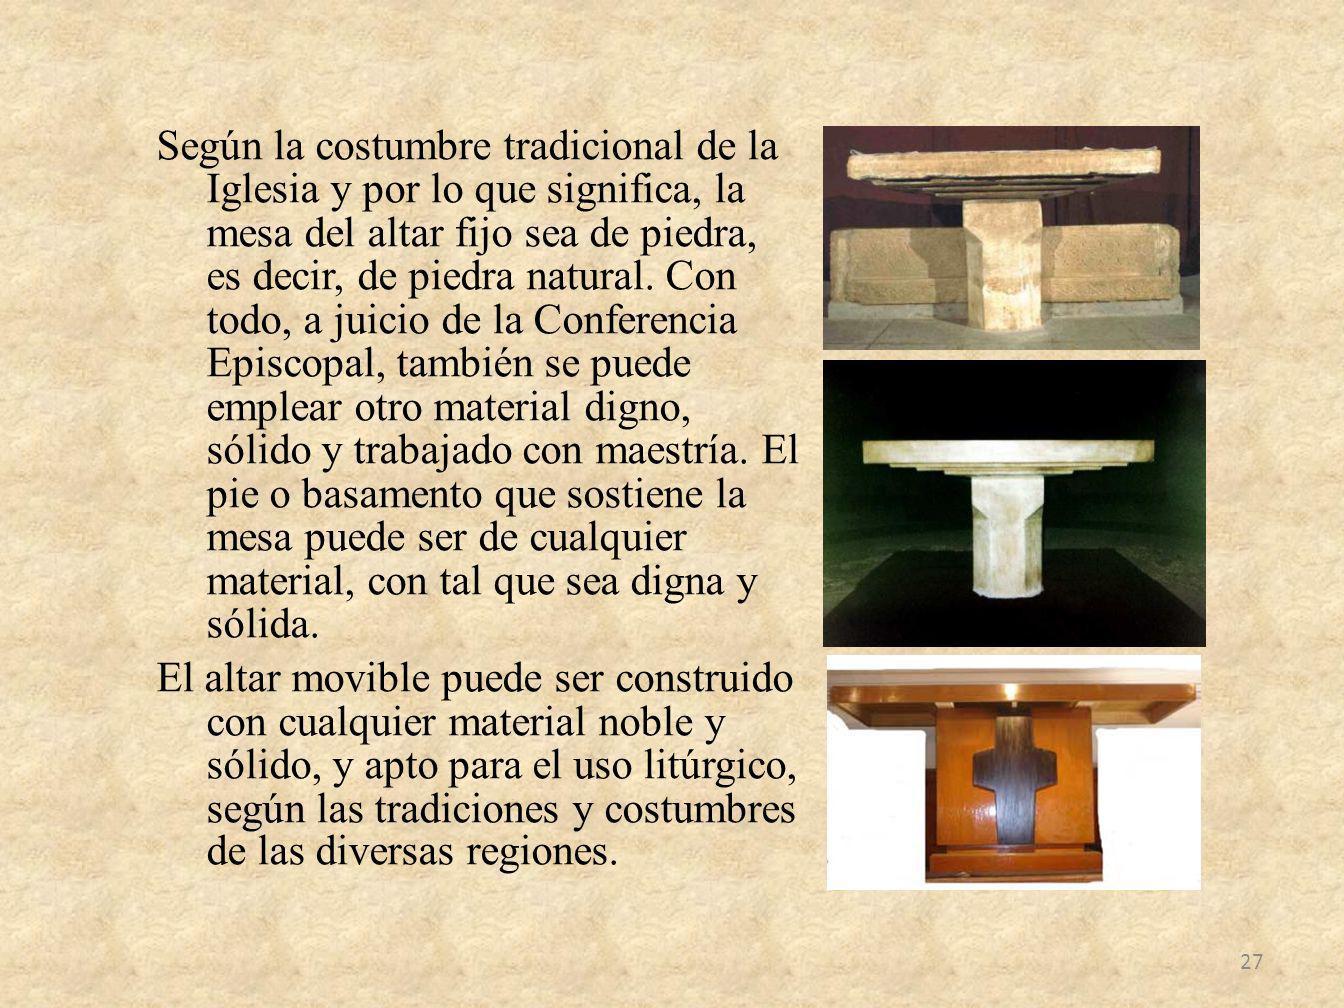 Según la costumbre tradicional de la Iglesia y por lo que significa, la mesa del altar fijo sea de piedra, es decir, de piedra natural. Con todo, a ju